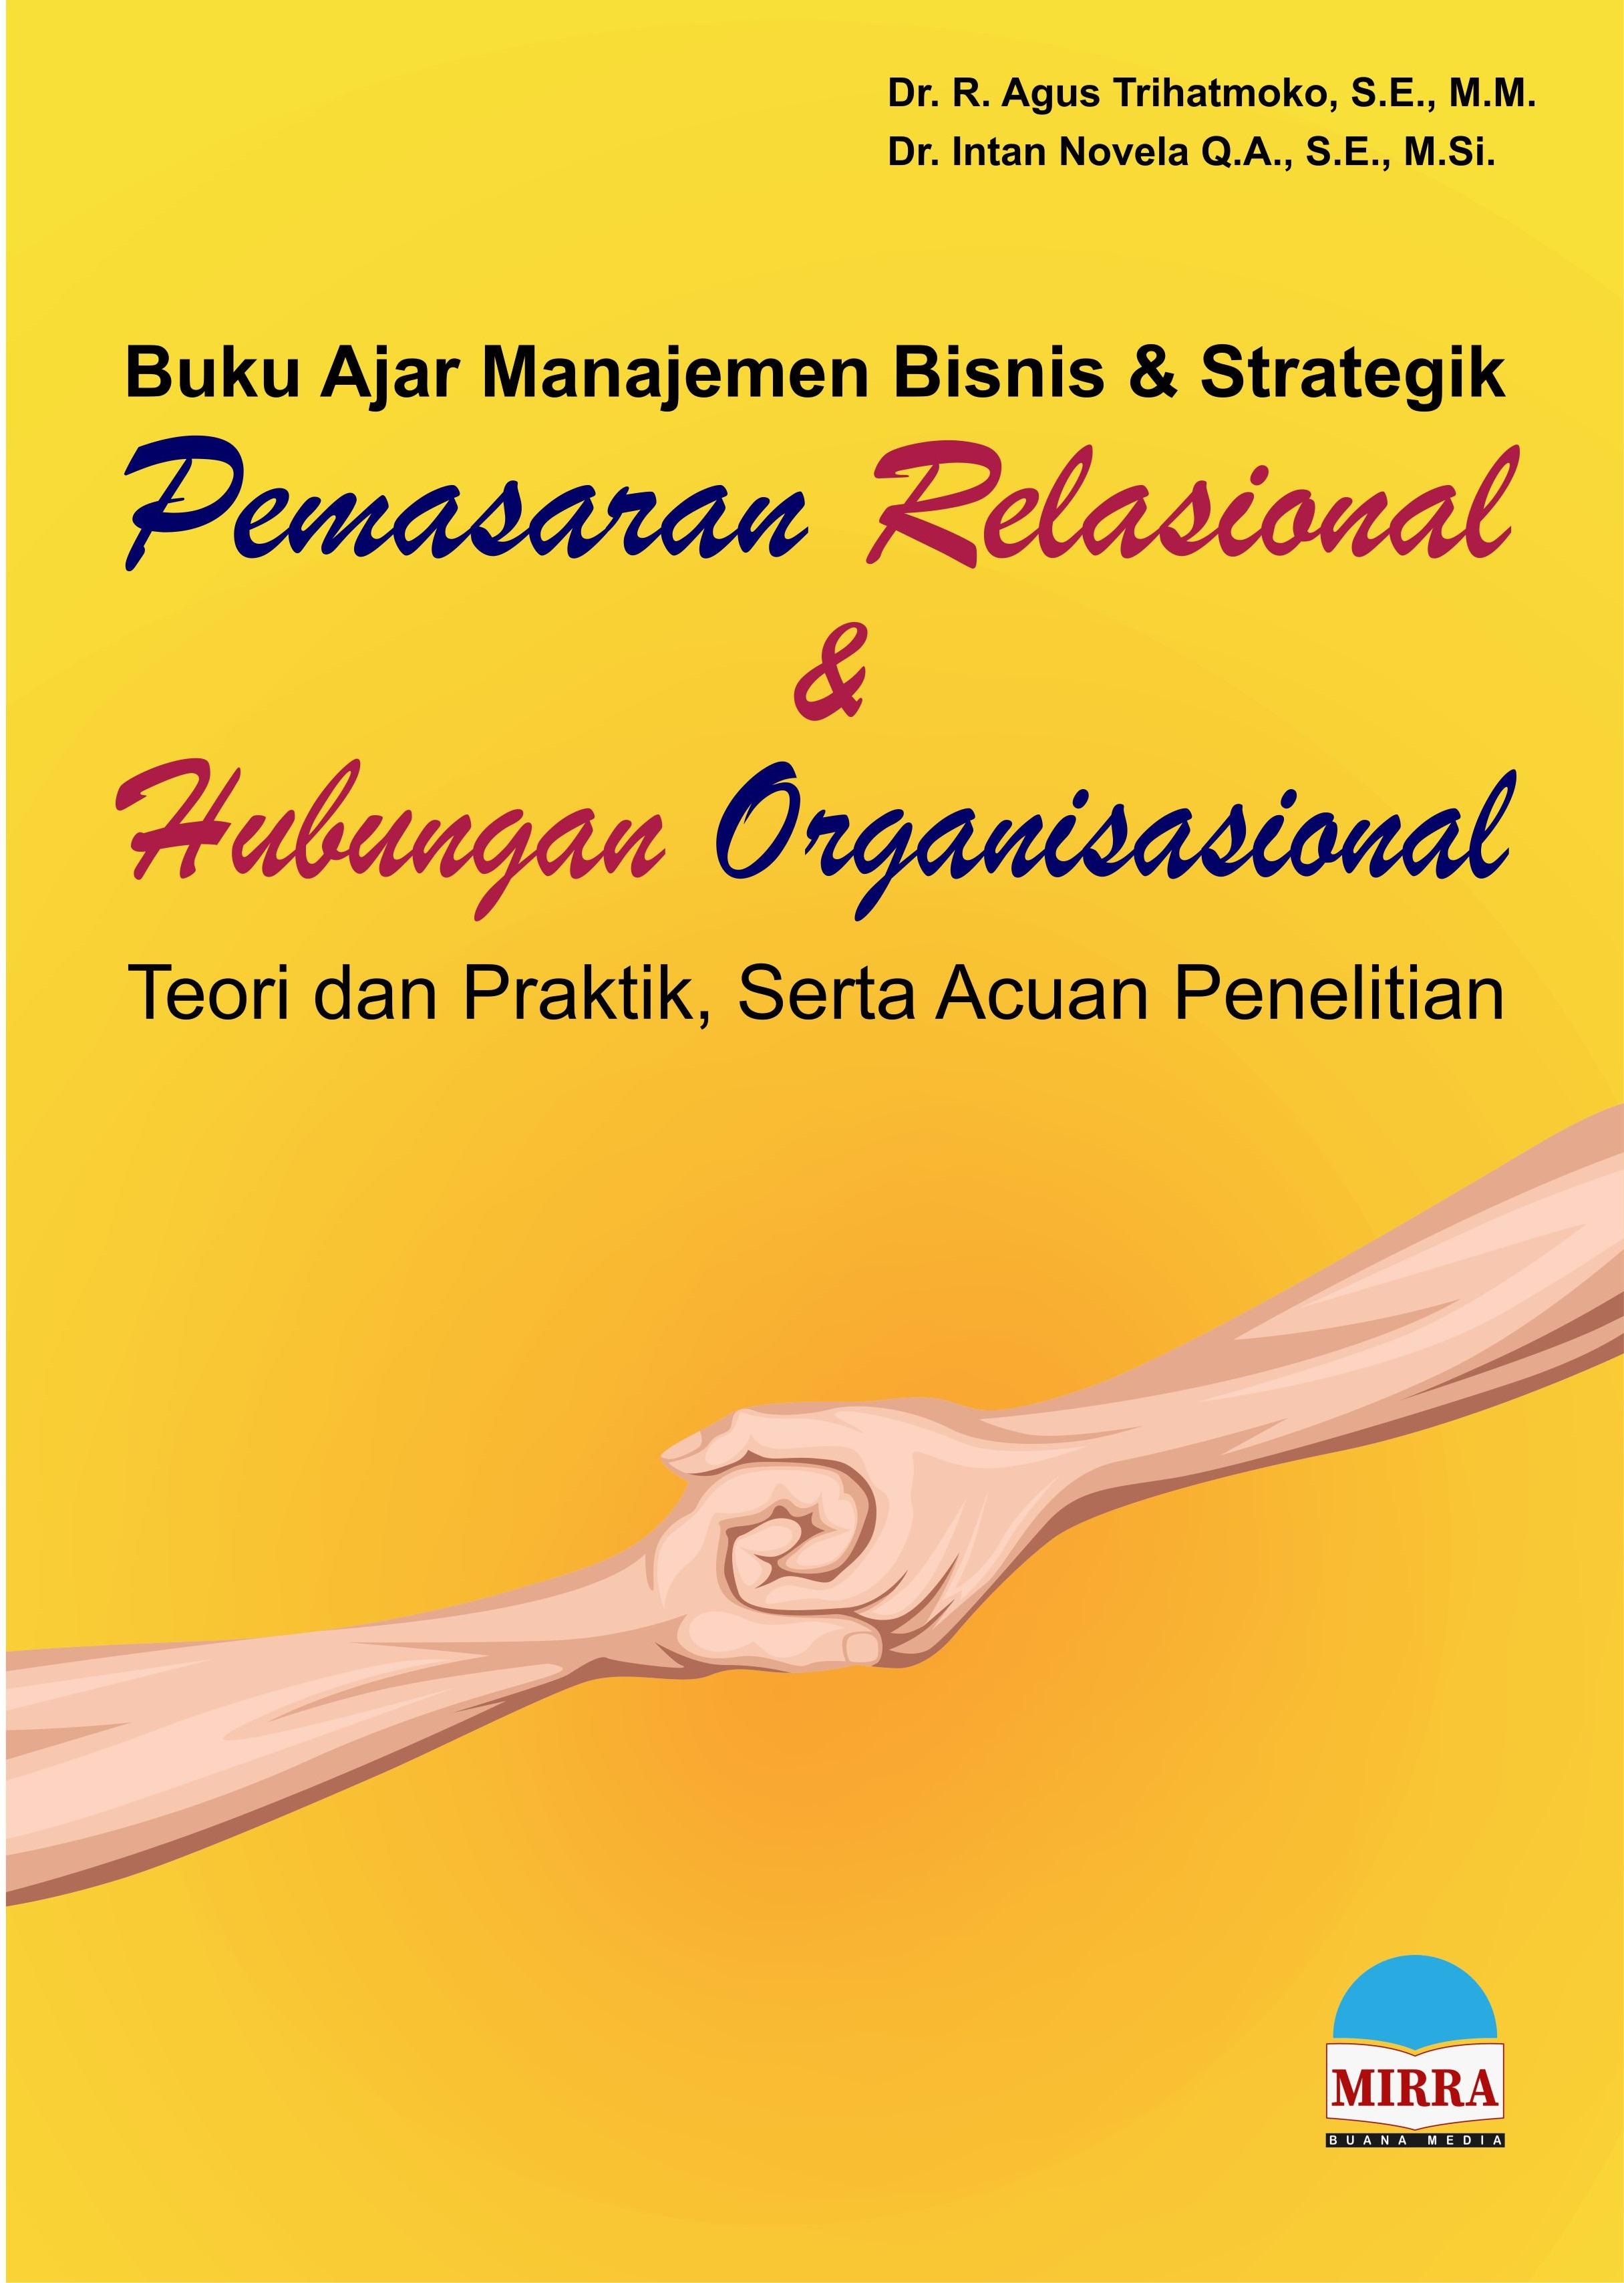 Buku ajar manajemen bisnis dan strategik [sumber elektronis] : pemasaran relasional dan hubungan organisasional : teori dan pratik, serta acuan penelitian